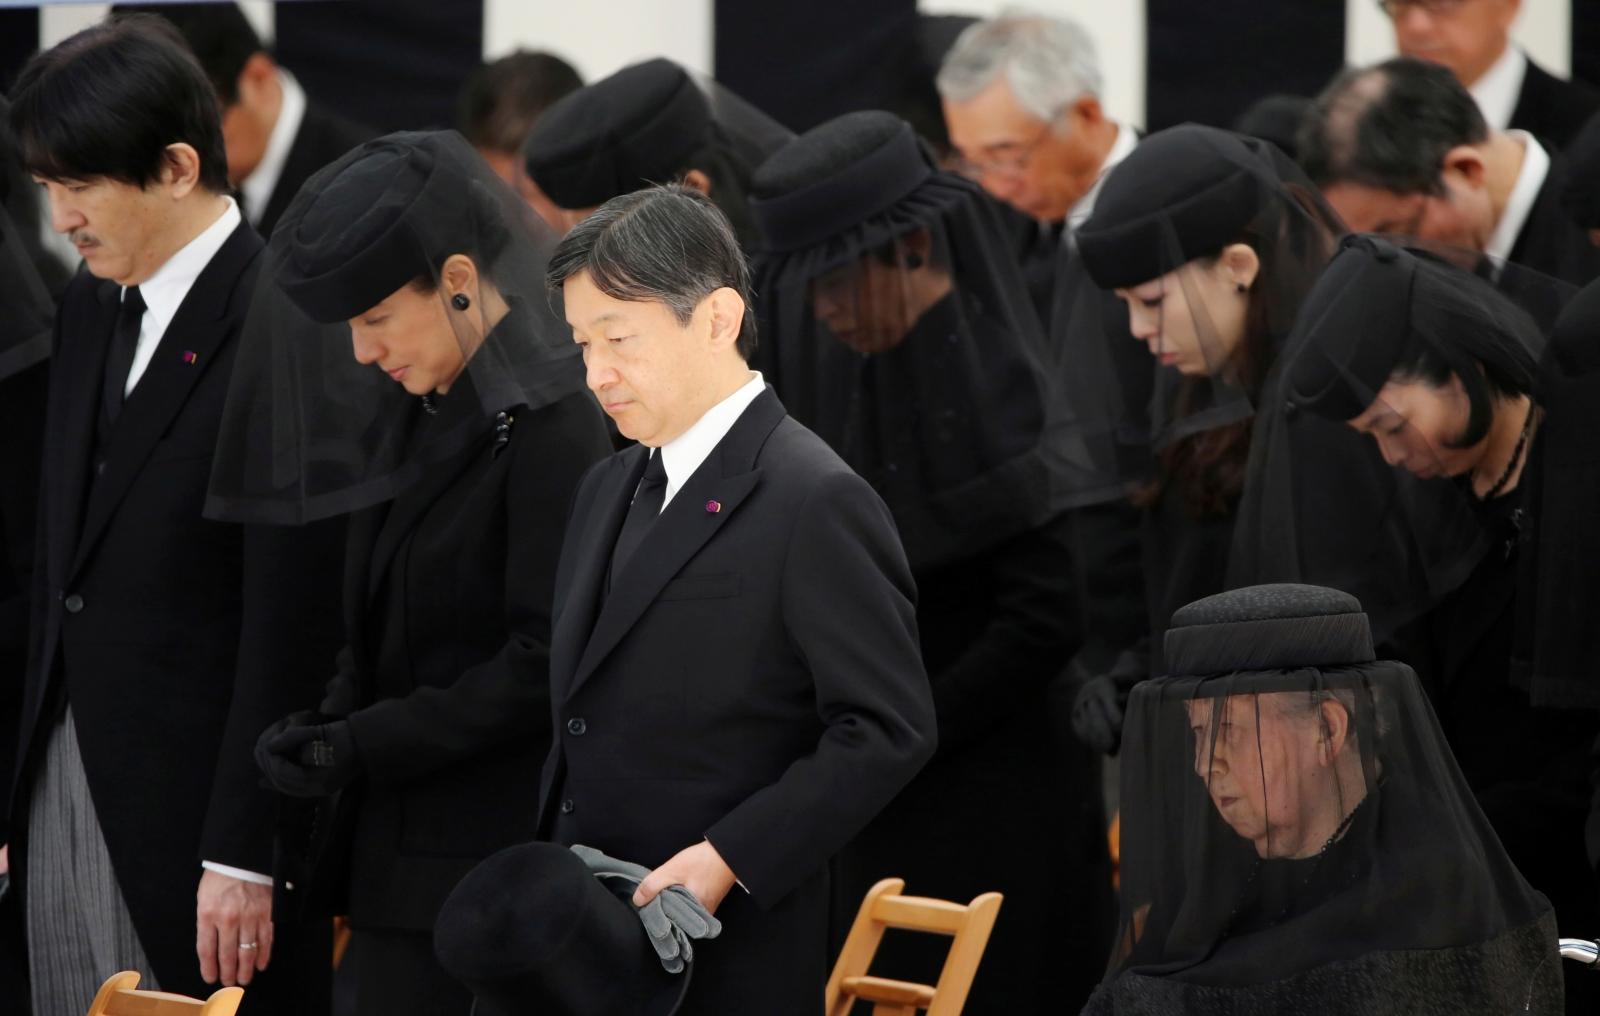 Prince Mikasa funeral